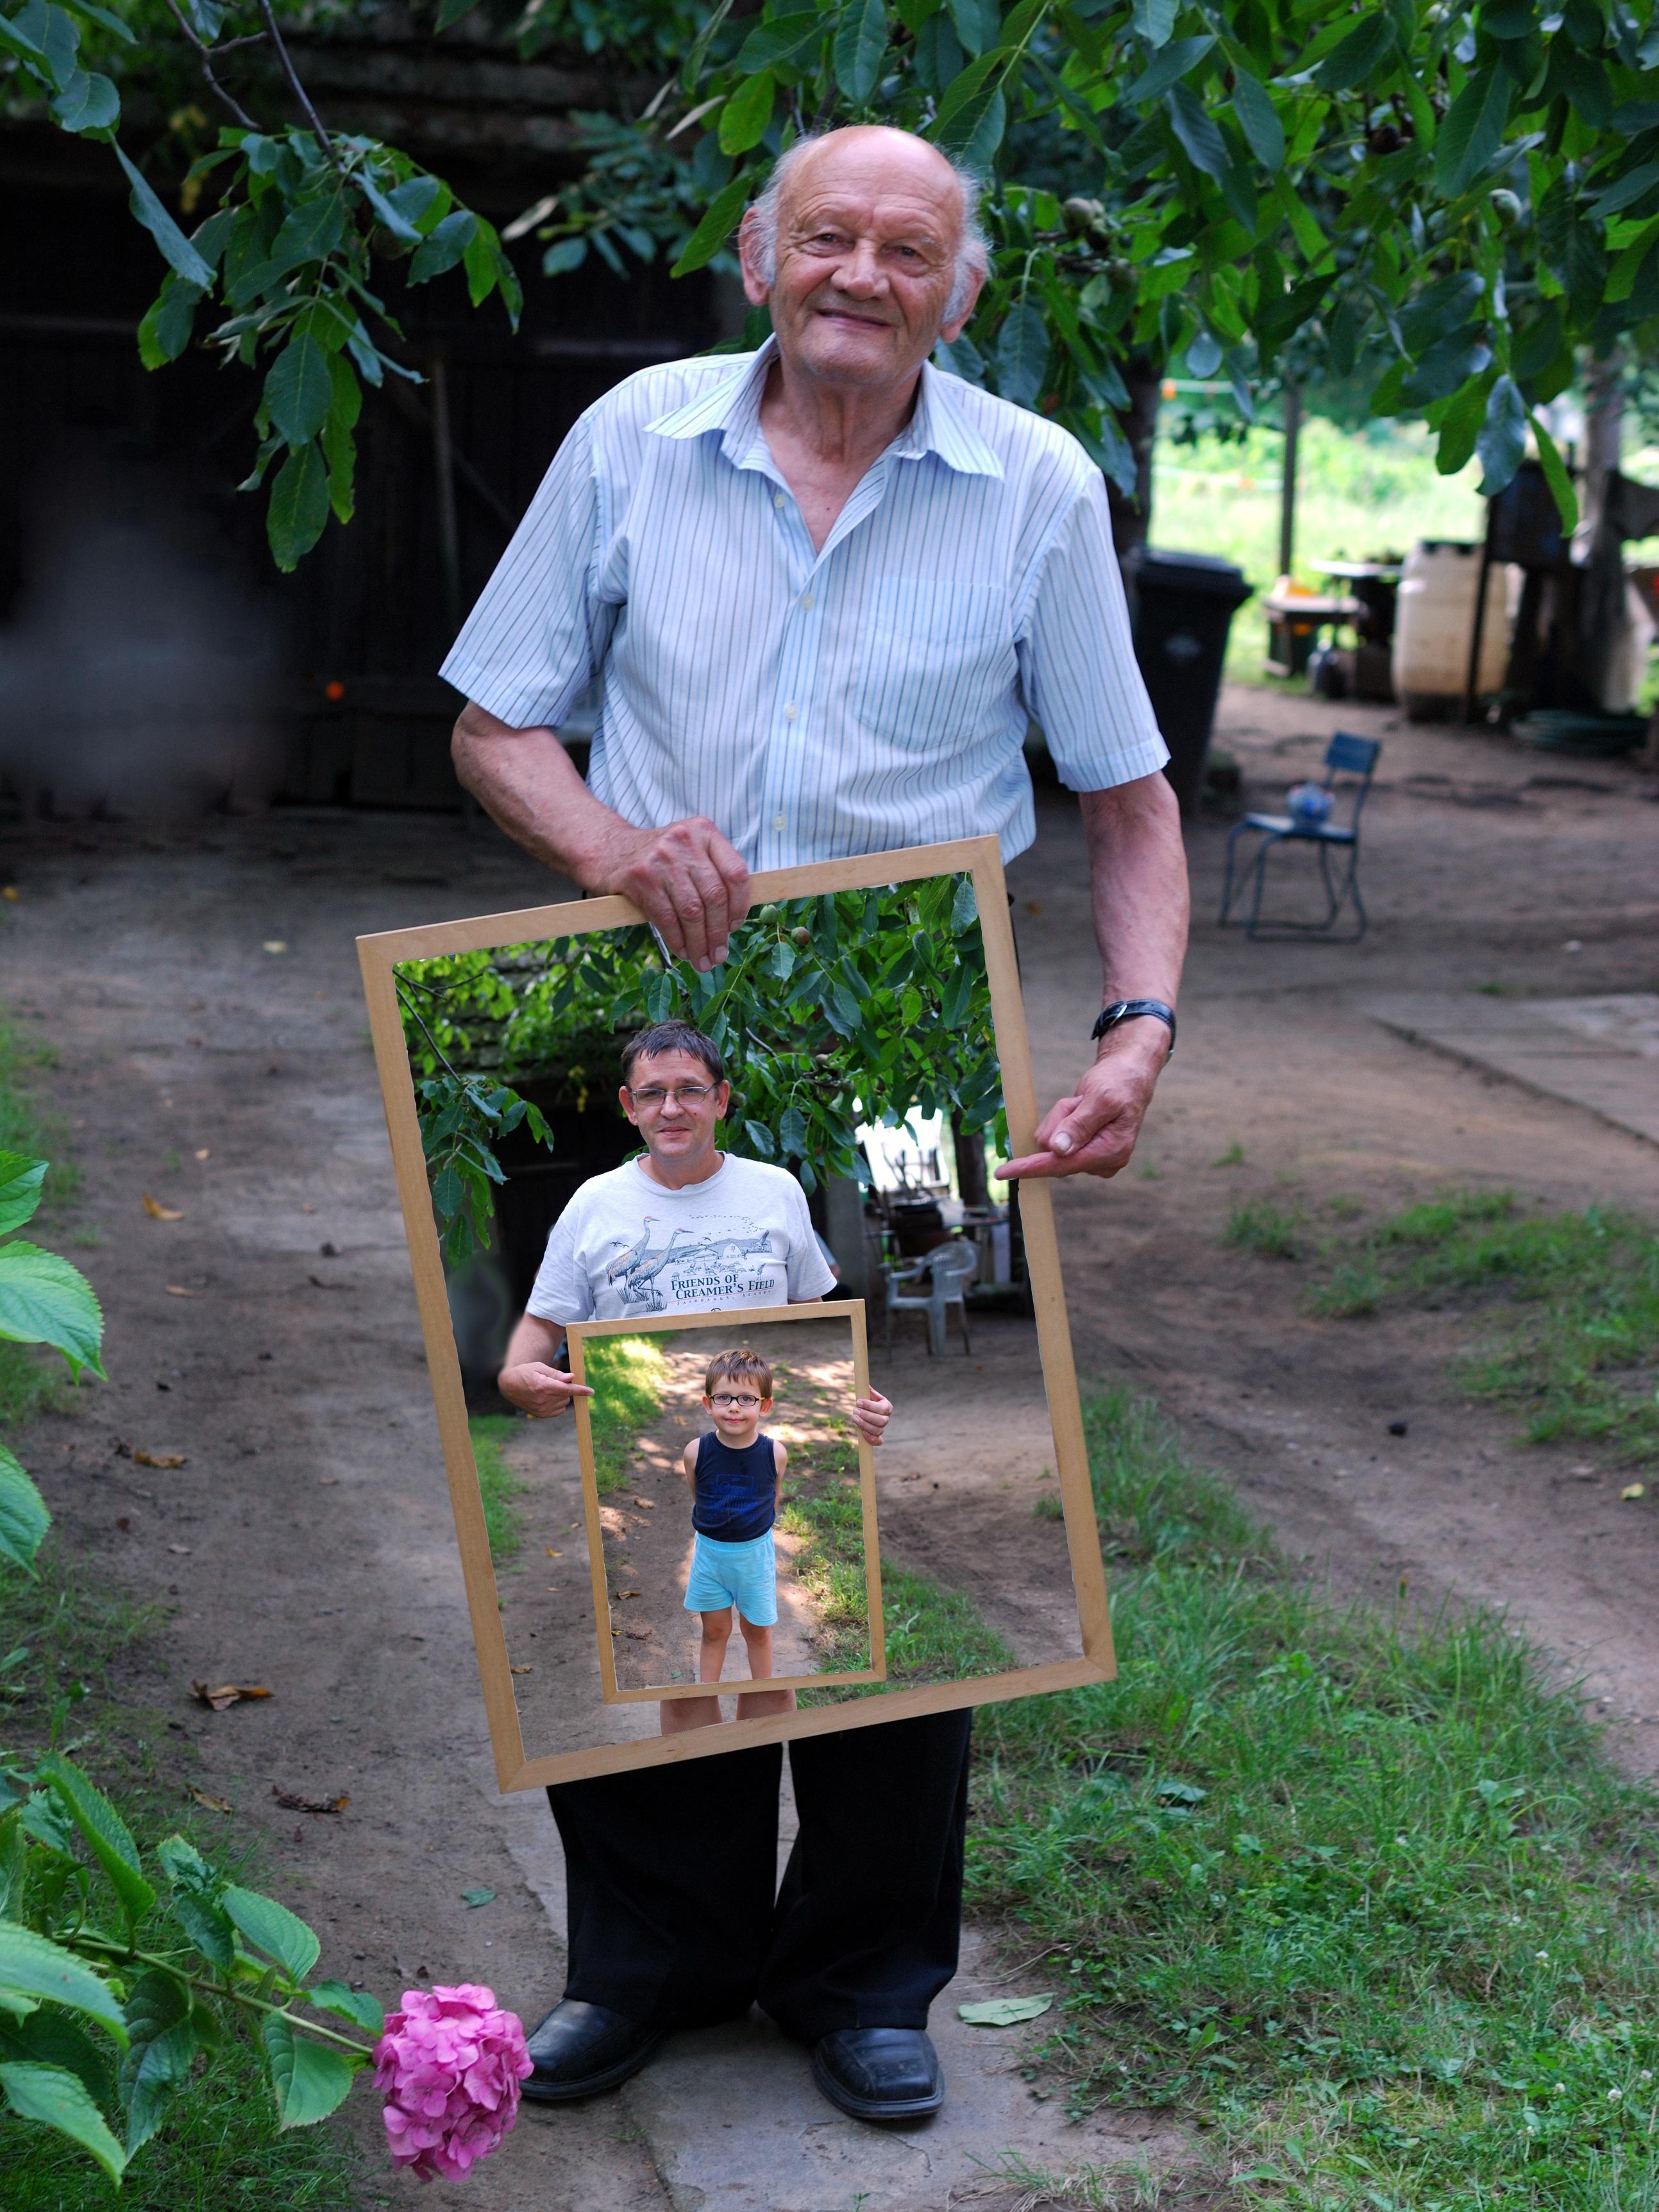 Fotos gratis : gente, chico, primavera, jardín, hombres, contento ...